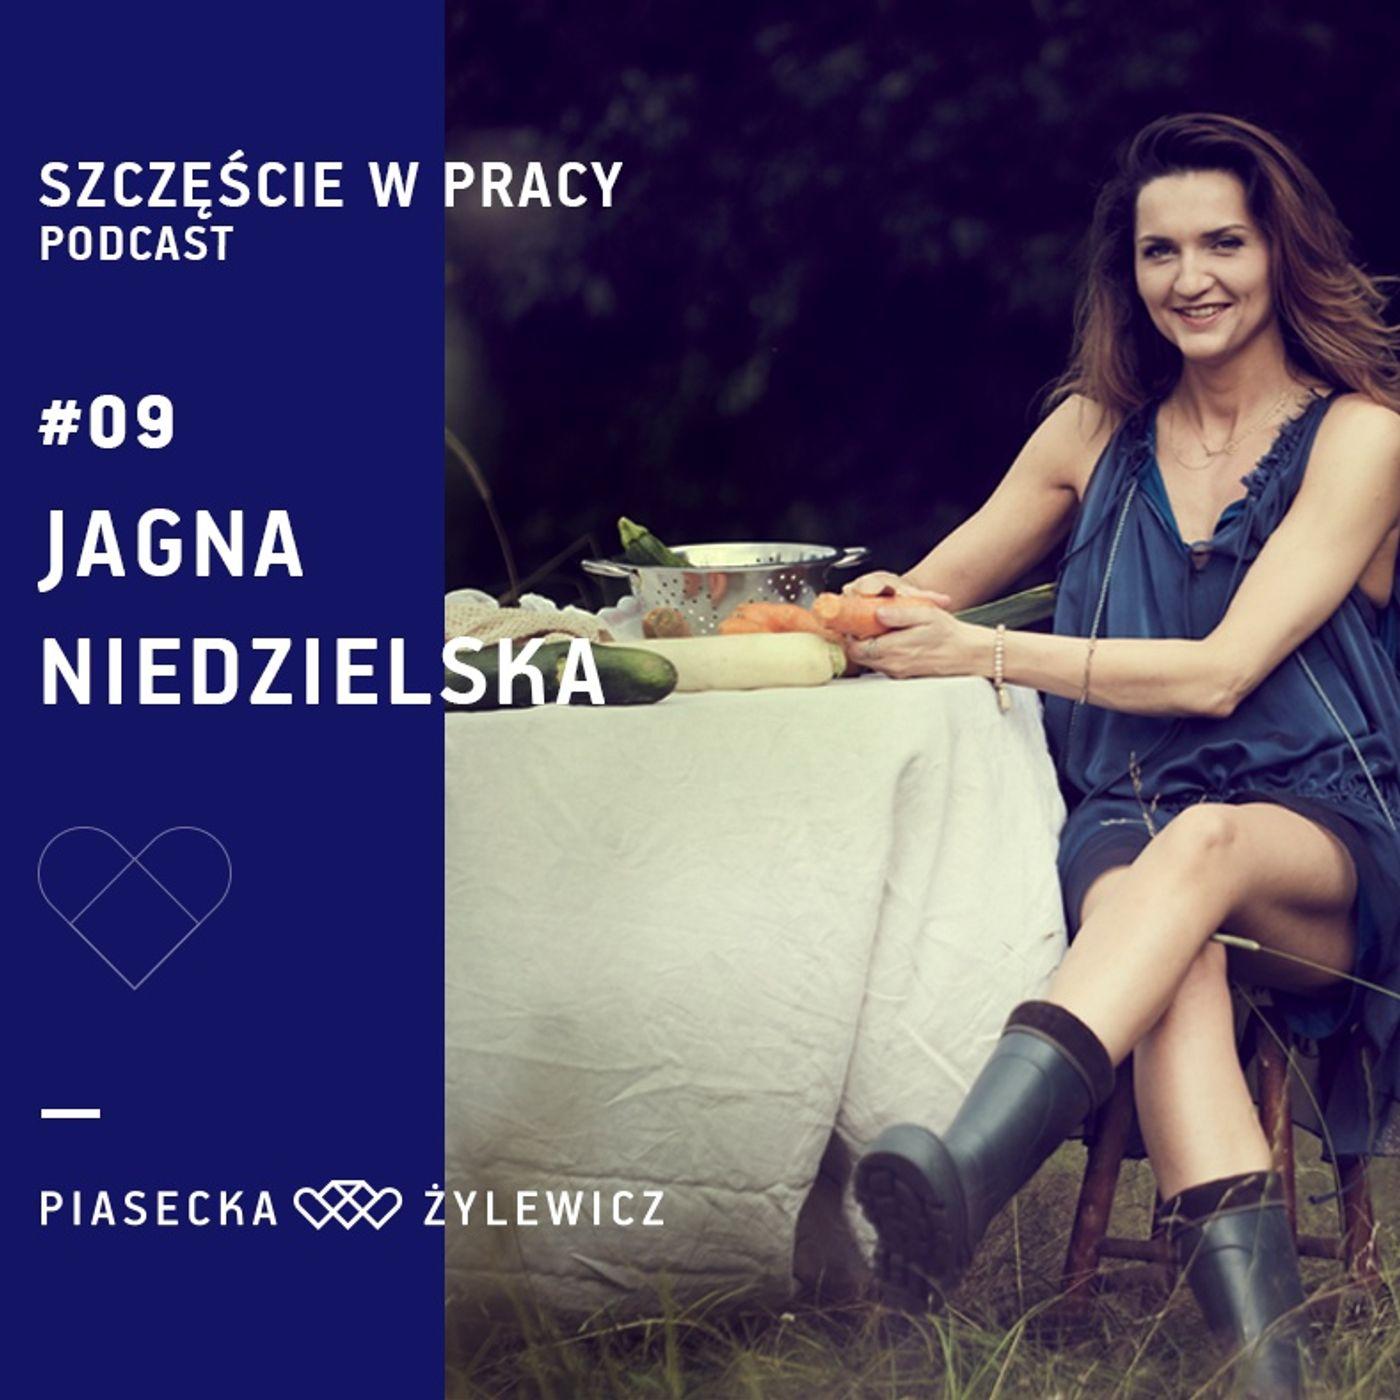 #09 Jagna Niedzielska